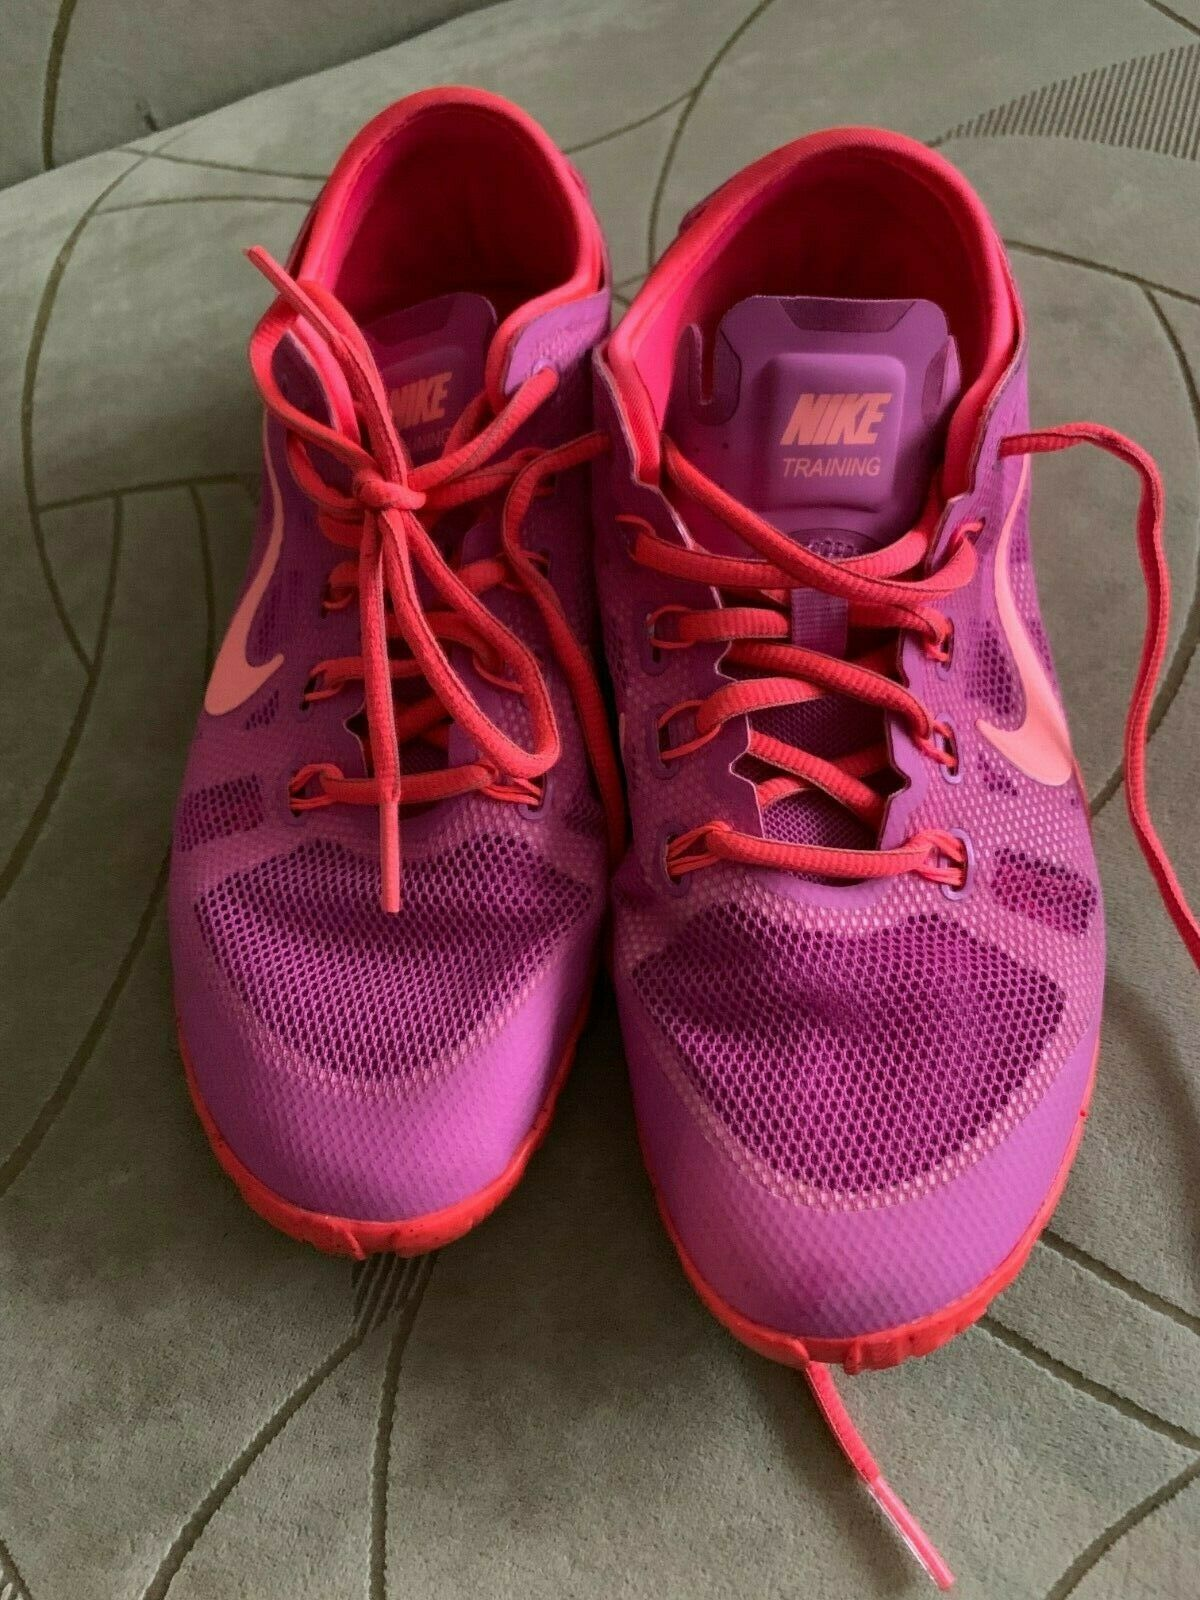 nike nike nike donne formazione sneakers_size_pink color_worn poche volte | Varietà Grande  | Maschio/Ragazze Scarpa  9d79c2